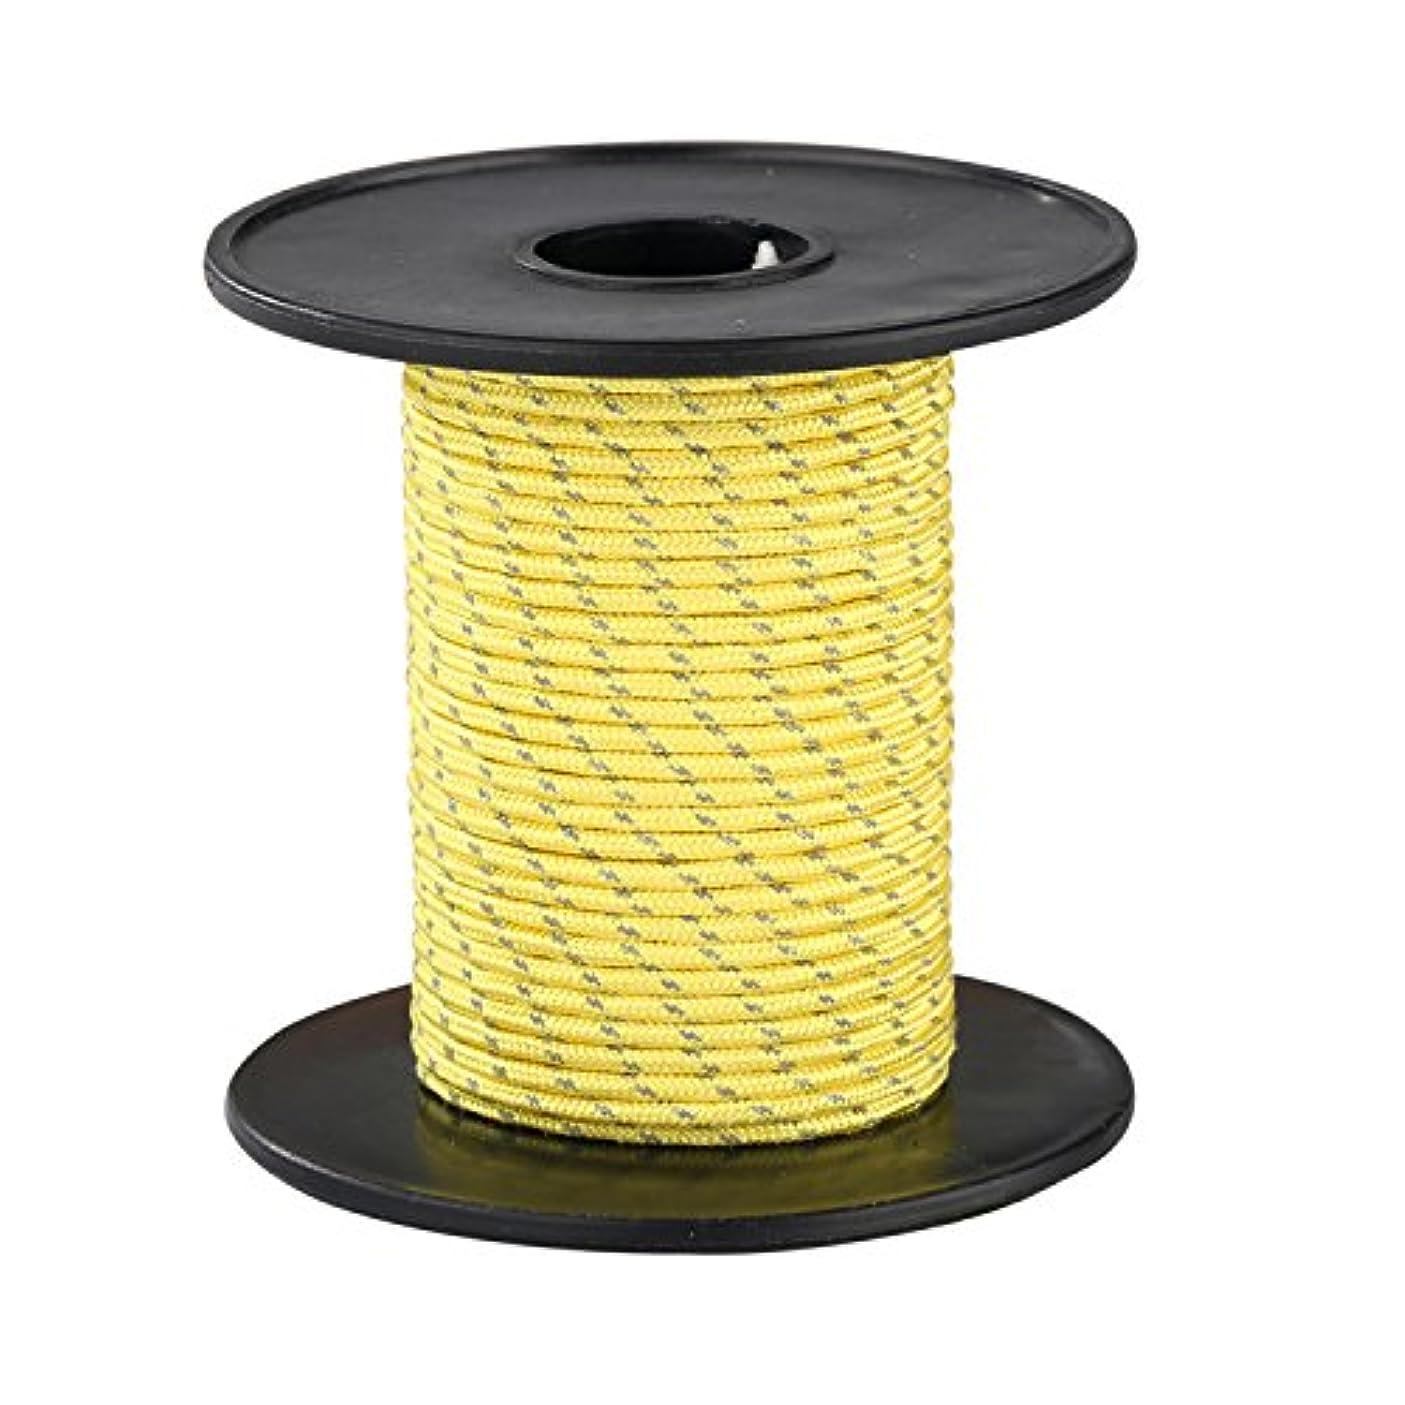 理容師惑星サーバントMy Outline UHMWPE-ポリエステル2.5mmx15M黄色いテント反射ロープ キャンプテント用